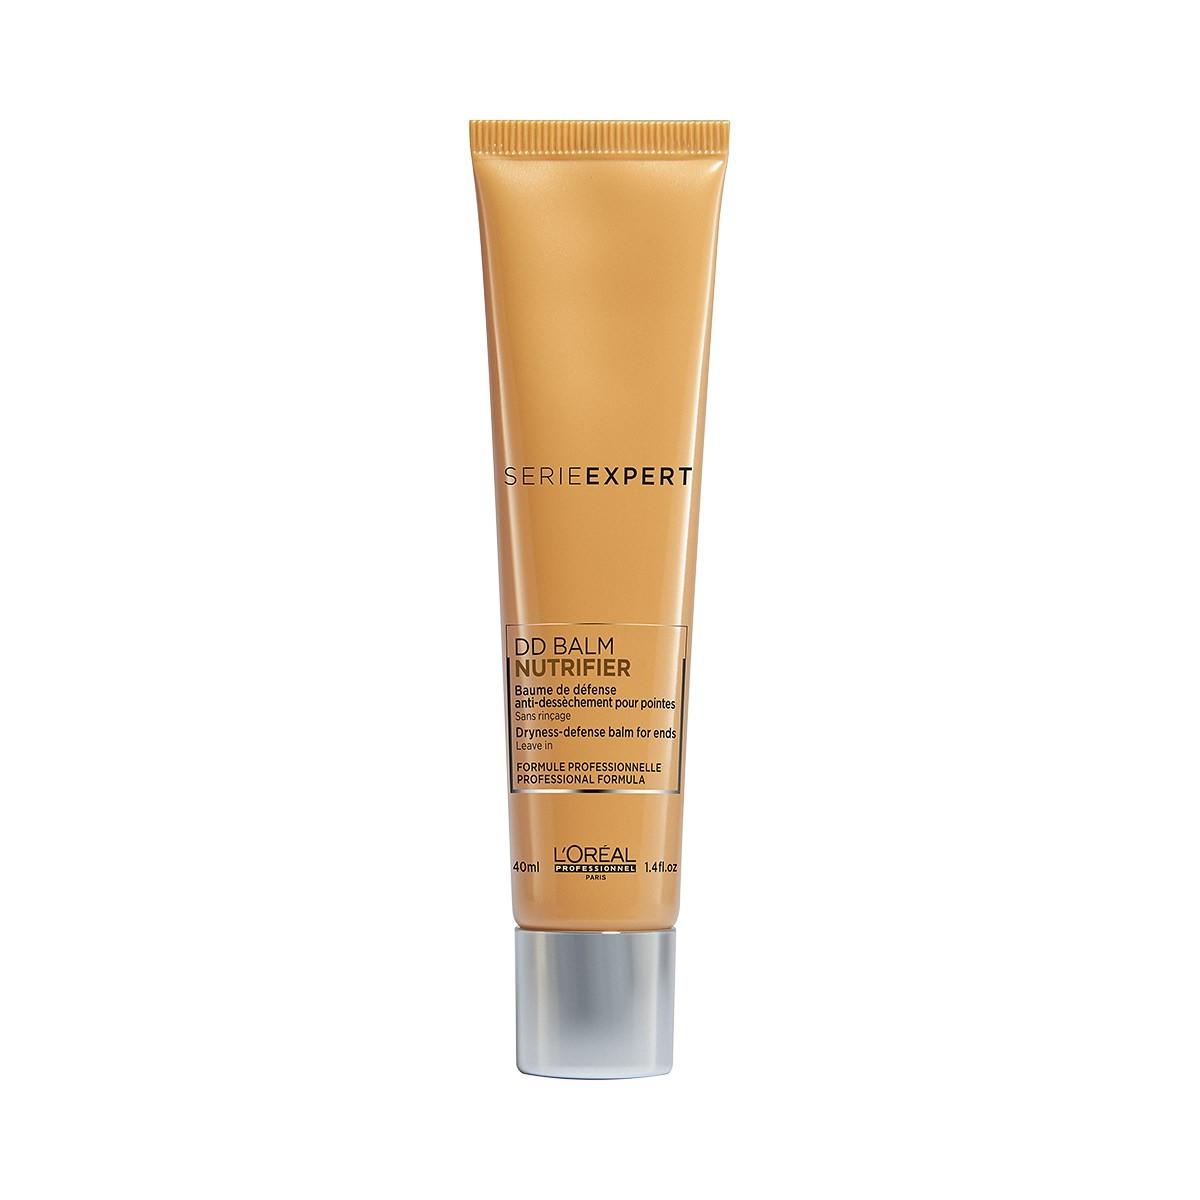 LOREAL Nutrifier Glycerol + Coco Oil DD Balm 40ml - Balsam do końcówek włosów suchych lub przesuszonych